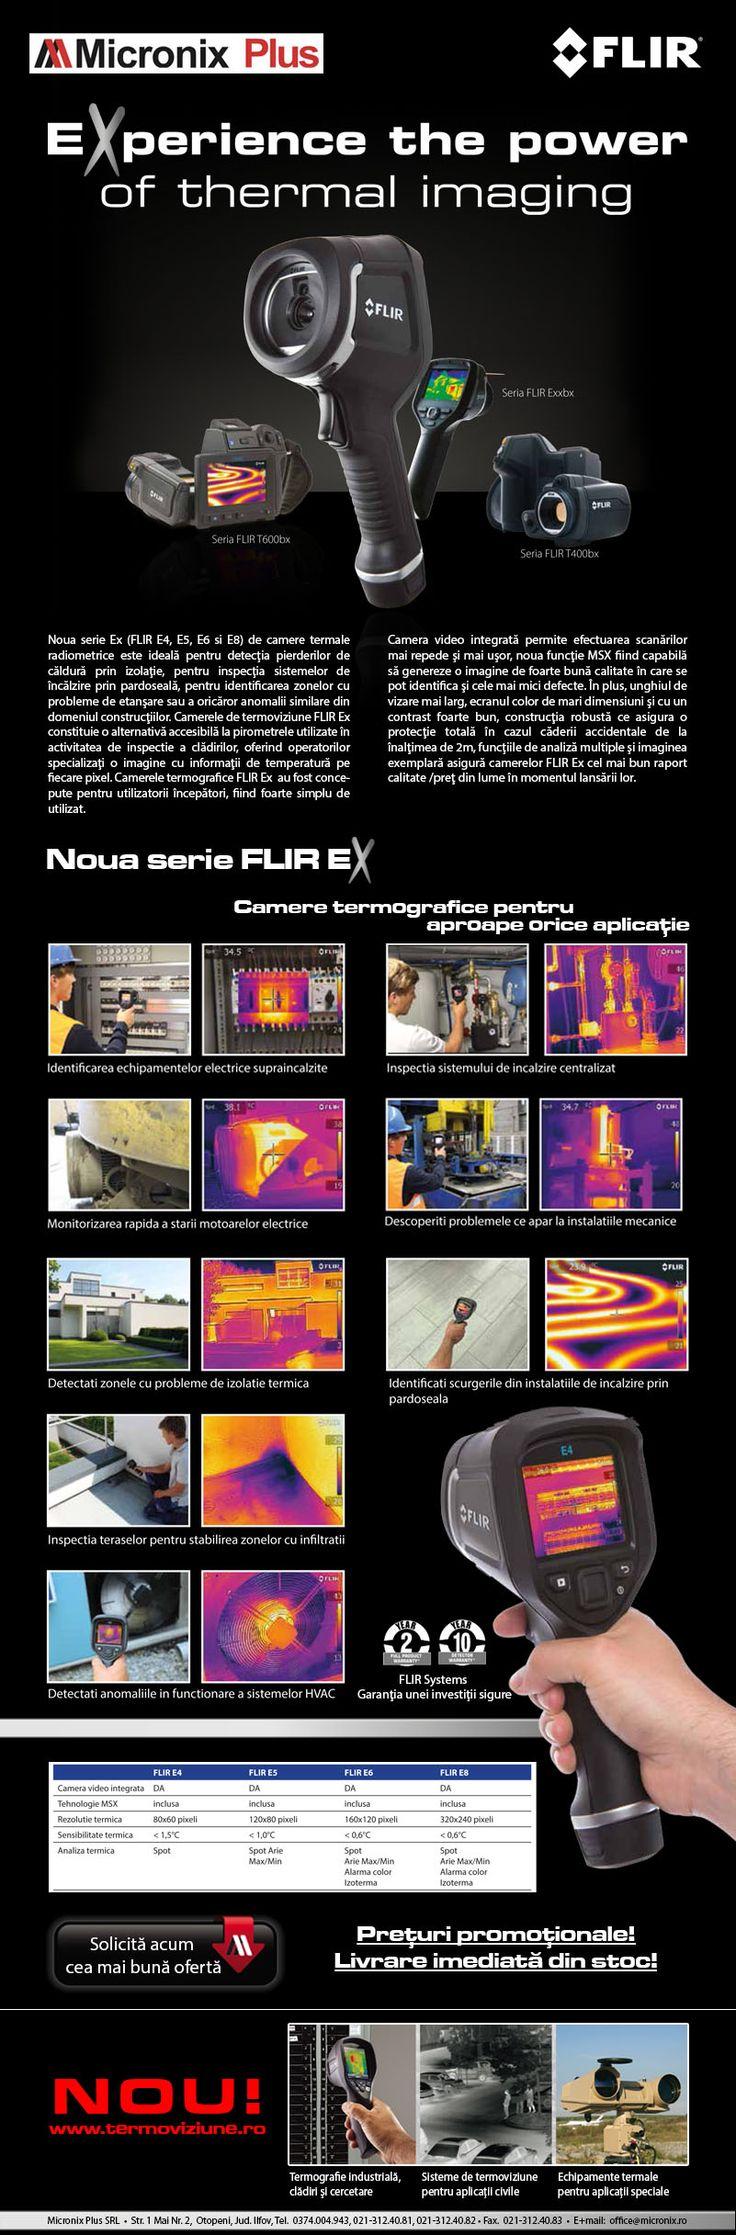 Micronix Plus: FLIR lanseaza noua serie de camere termografice Ex